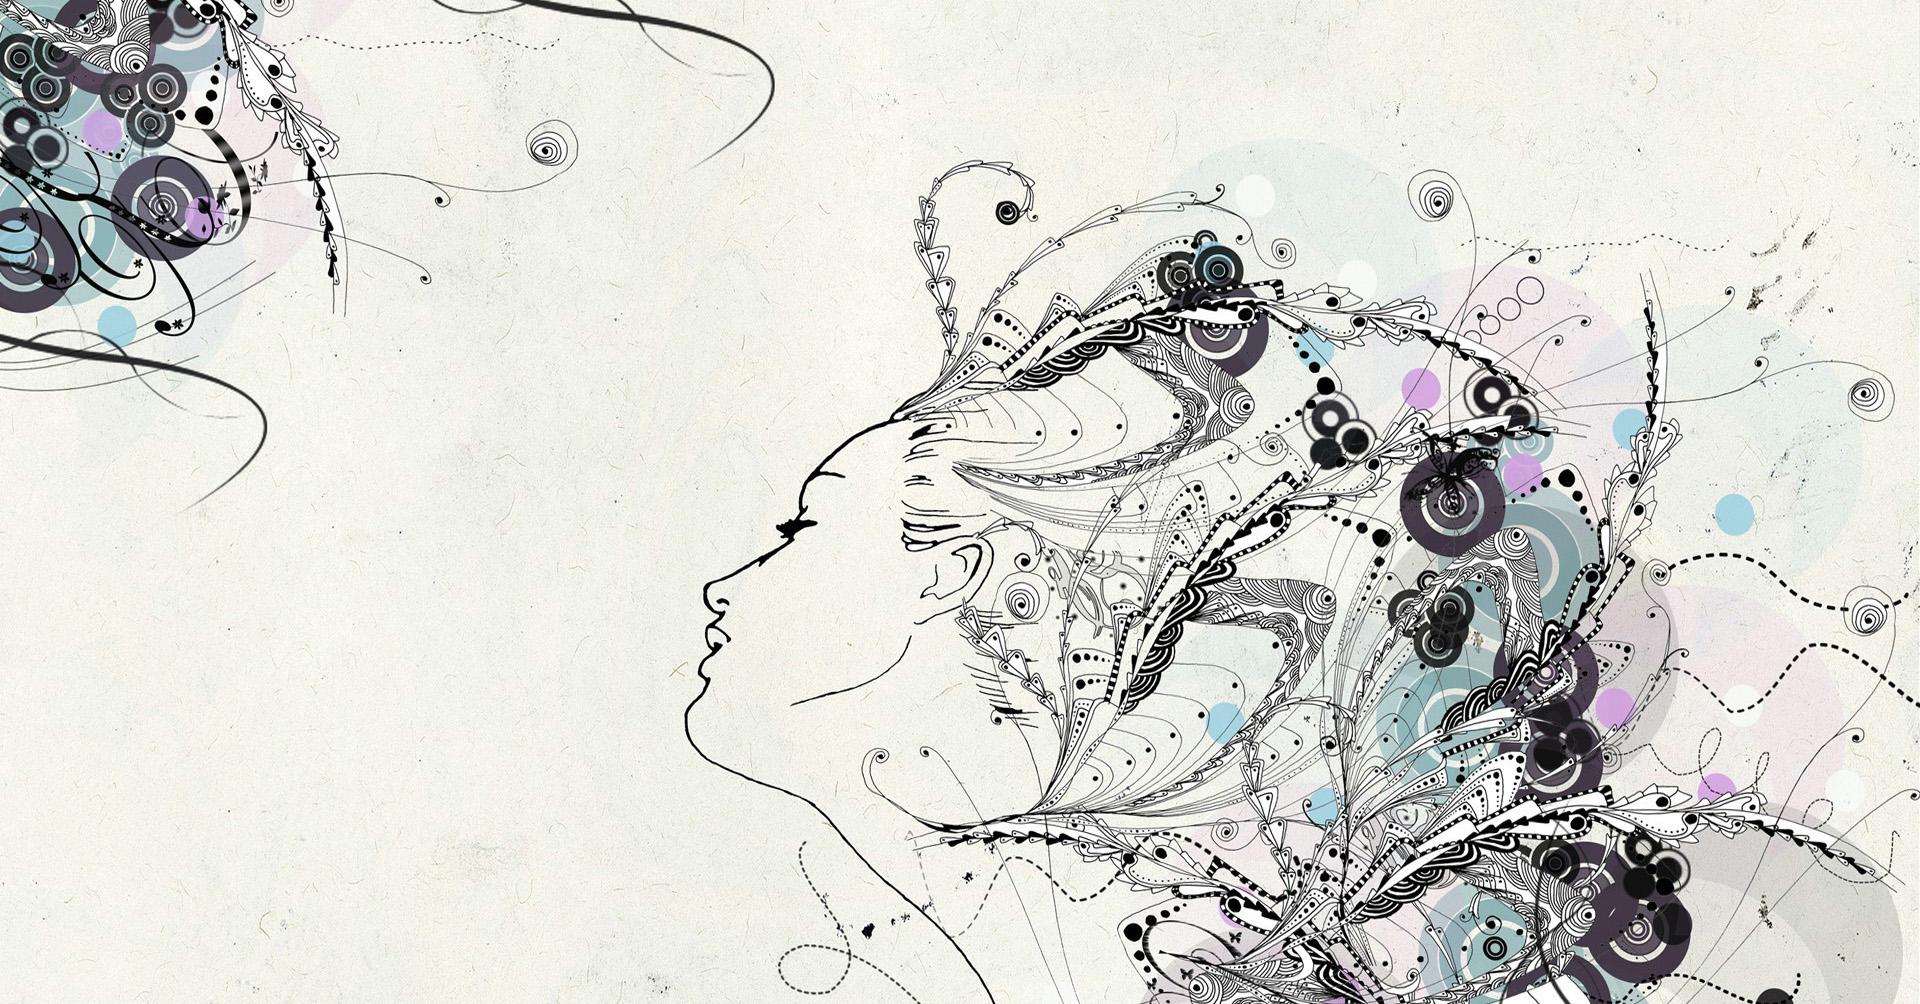 Wallpaper gambar ilustrasi karya seni desain grafis karakter film seni desain sketsa seni modern fon organisme 1920x1004 px